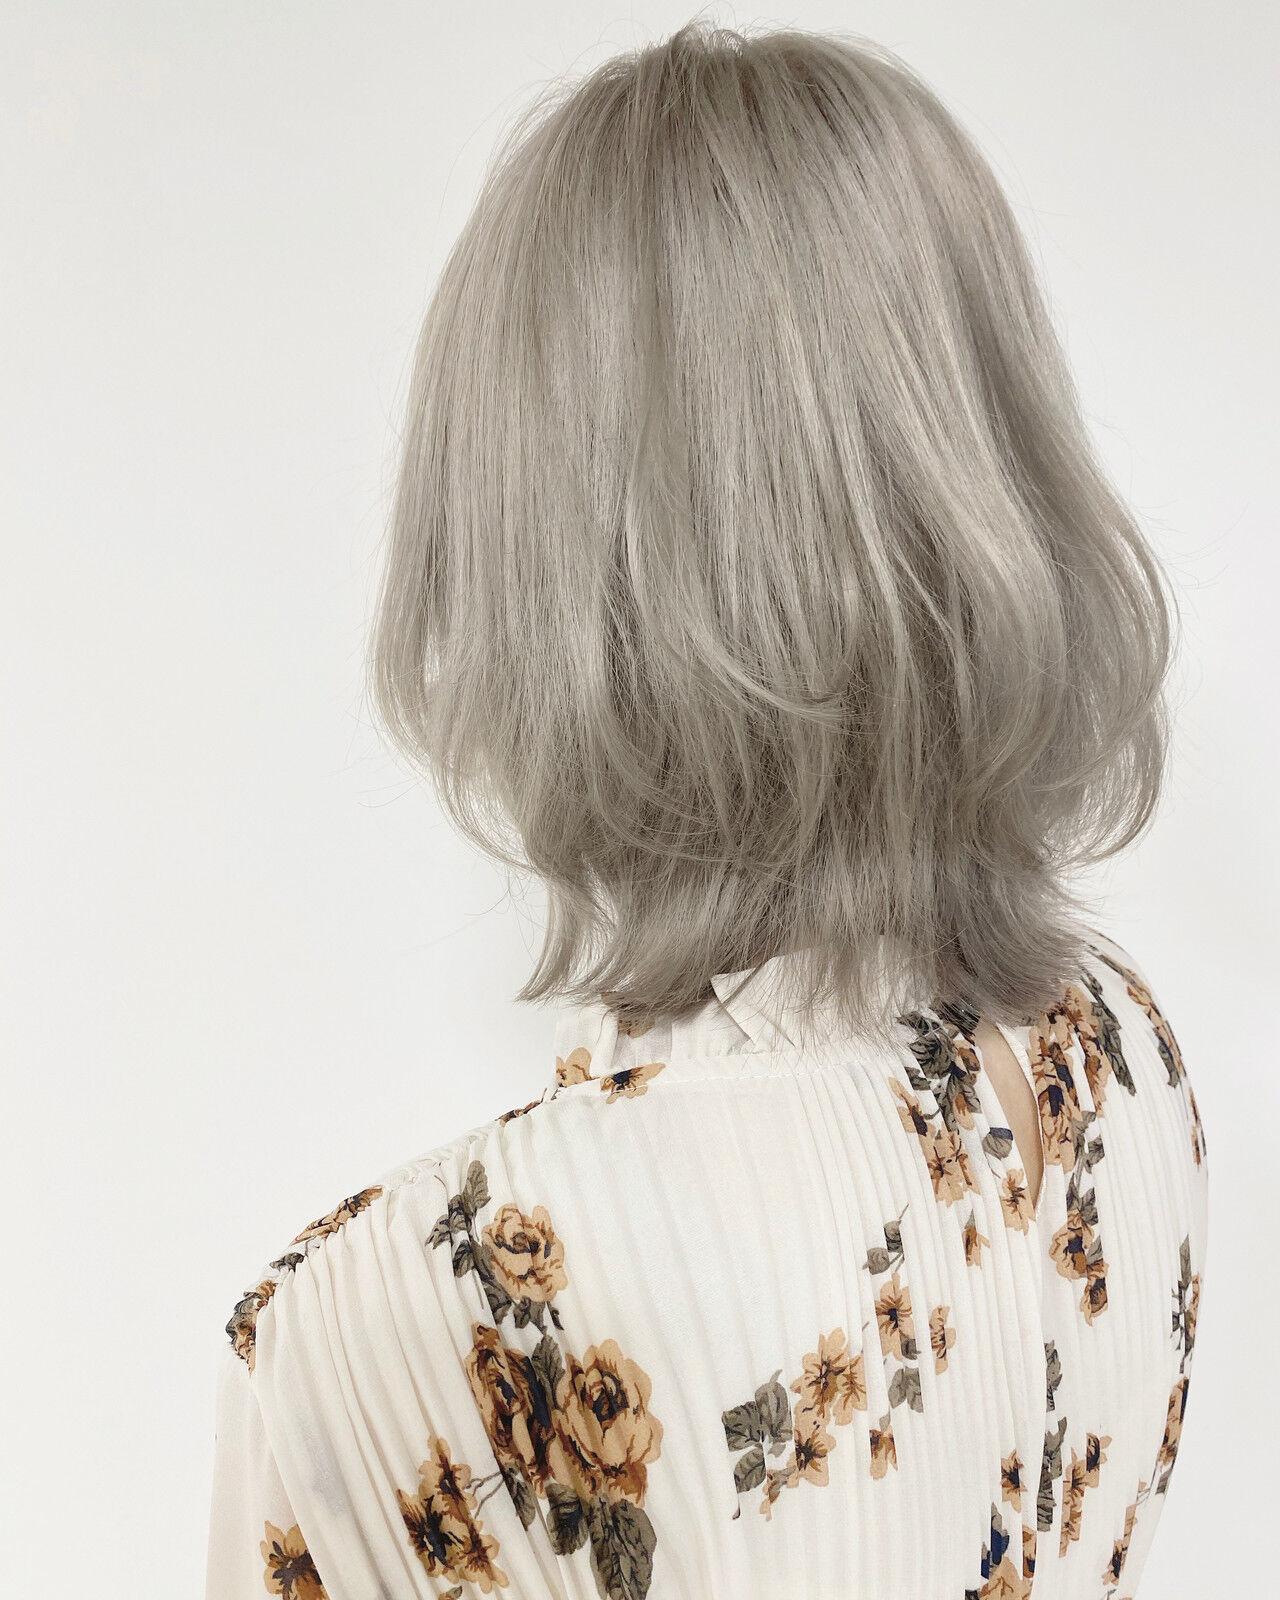 ホワイトベージュ ブリーチ必須 ホワイトグレージュ ミディアムヘアスタイルや髪型の写真・画像